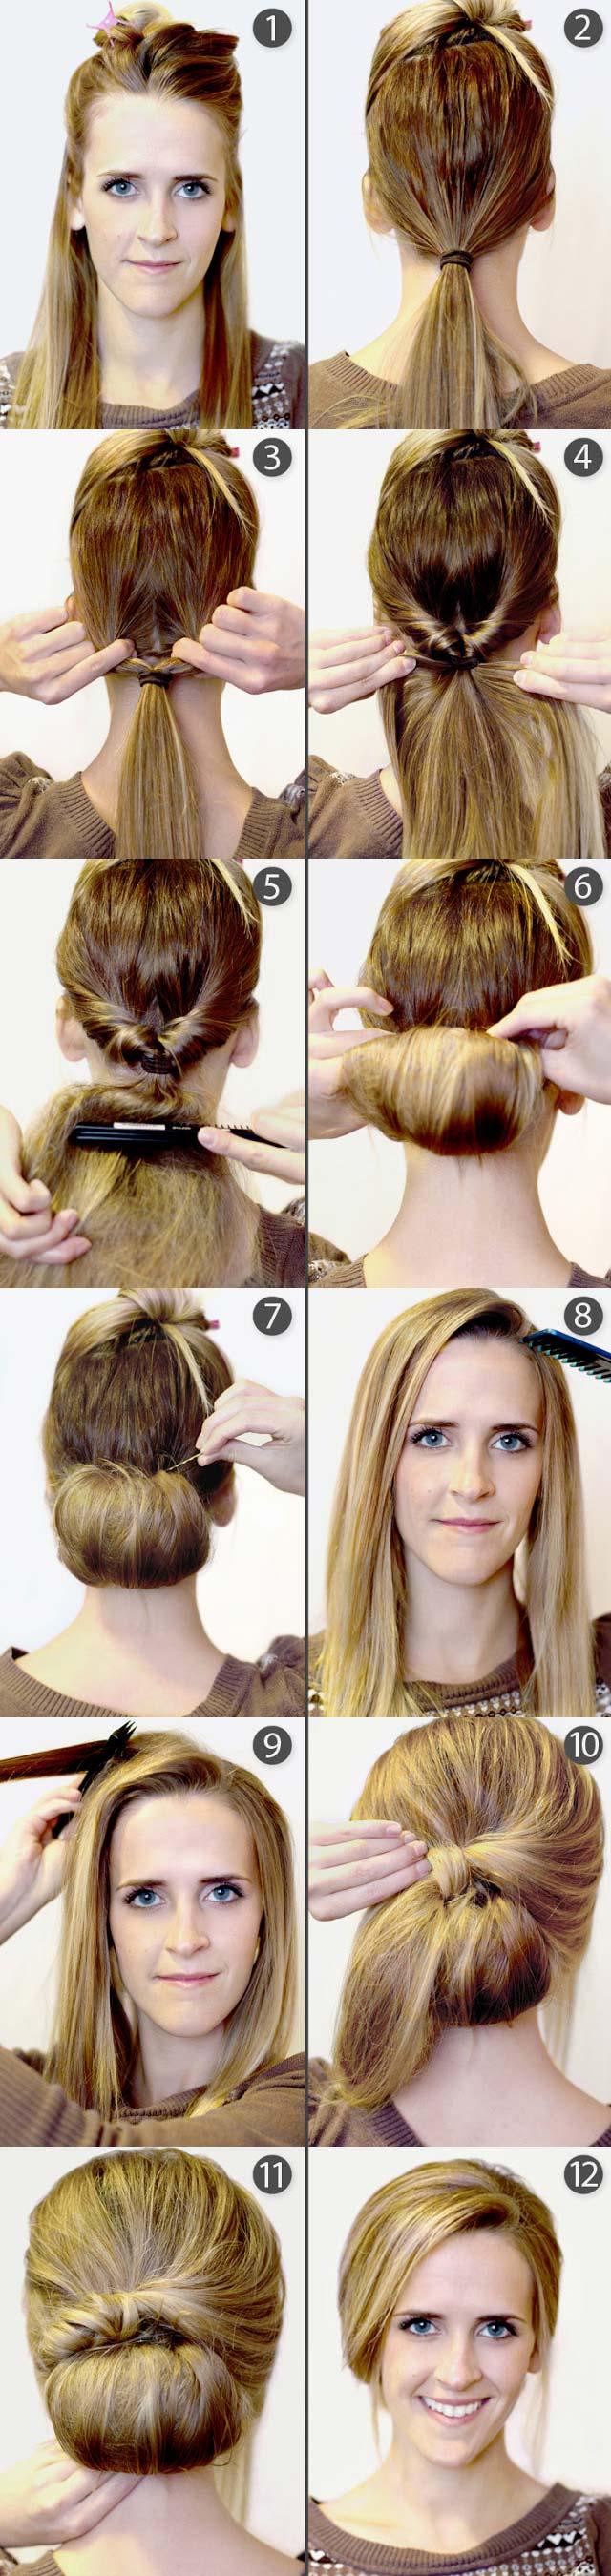 9 Pretty DIY Hairstyles With StepbyStep Tutorials  Pretty Designs